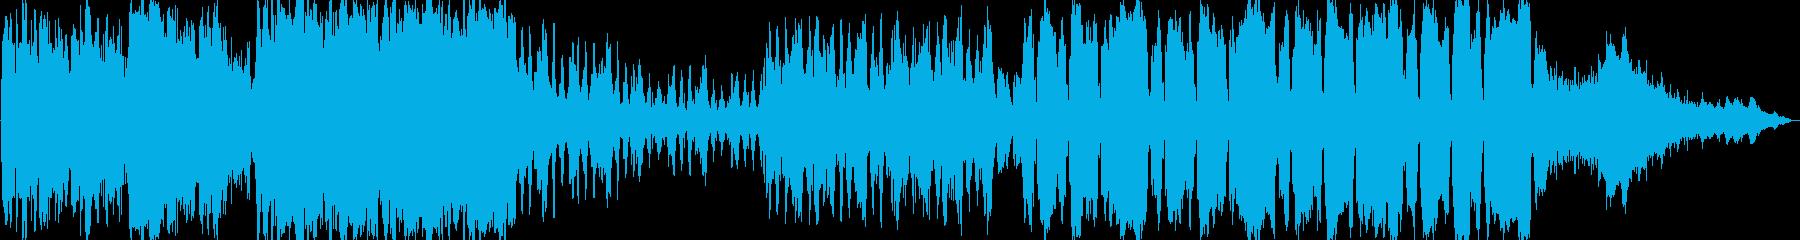 ケルト系 派手目のケルト音楽の再生済みの波形